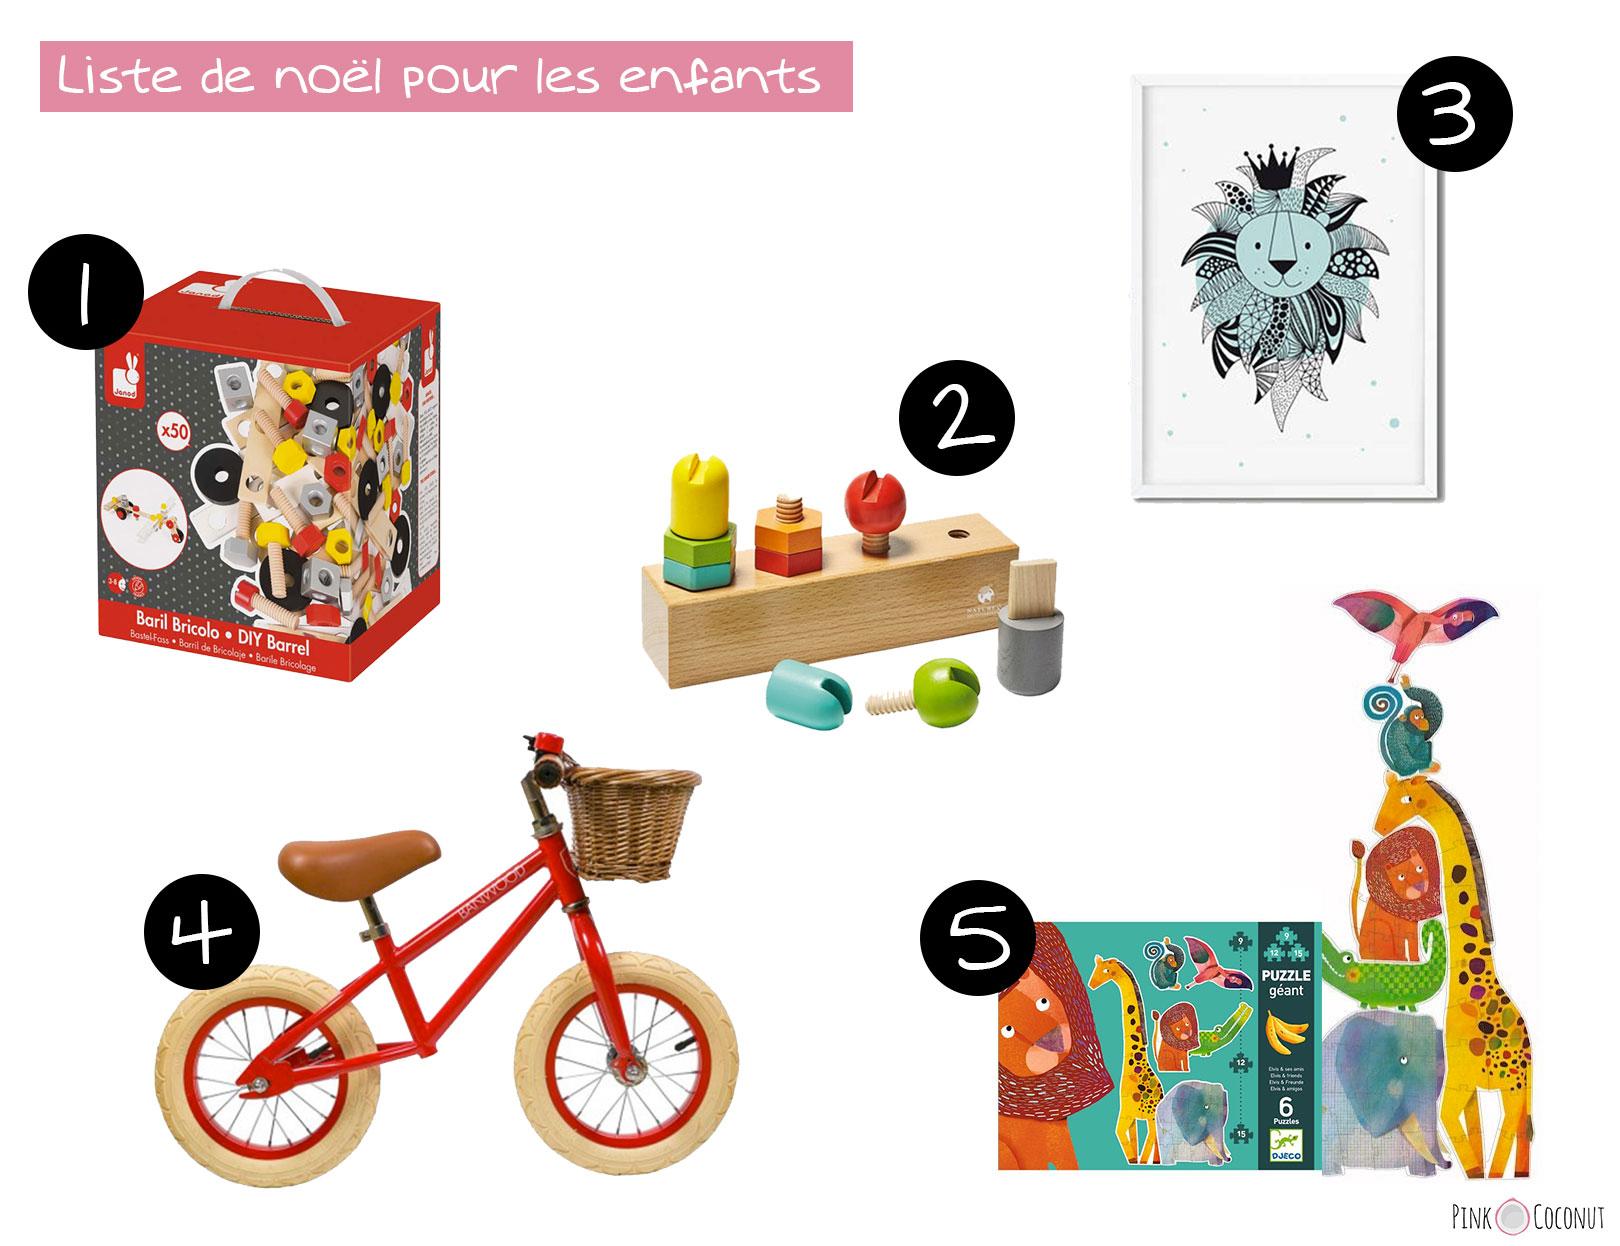 liste de noël, jeux-bois-decoration-design-noel-au-naturel